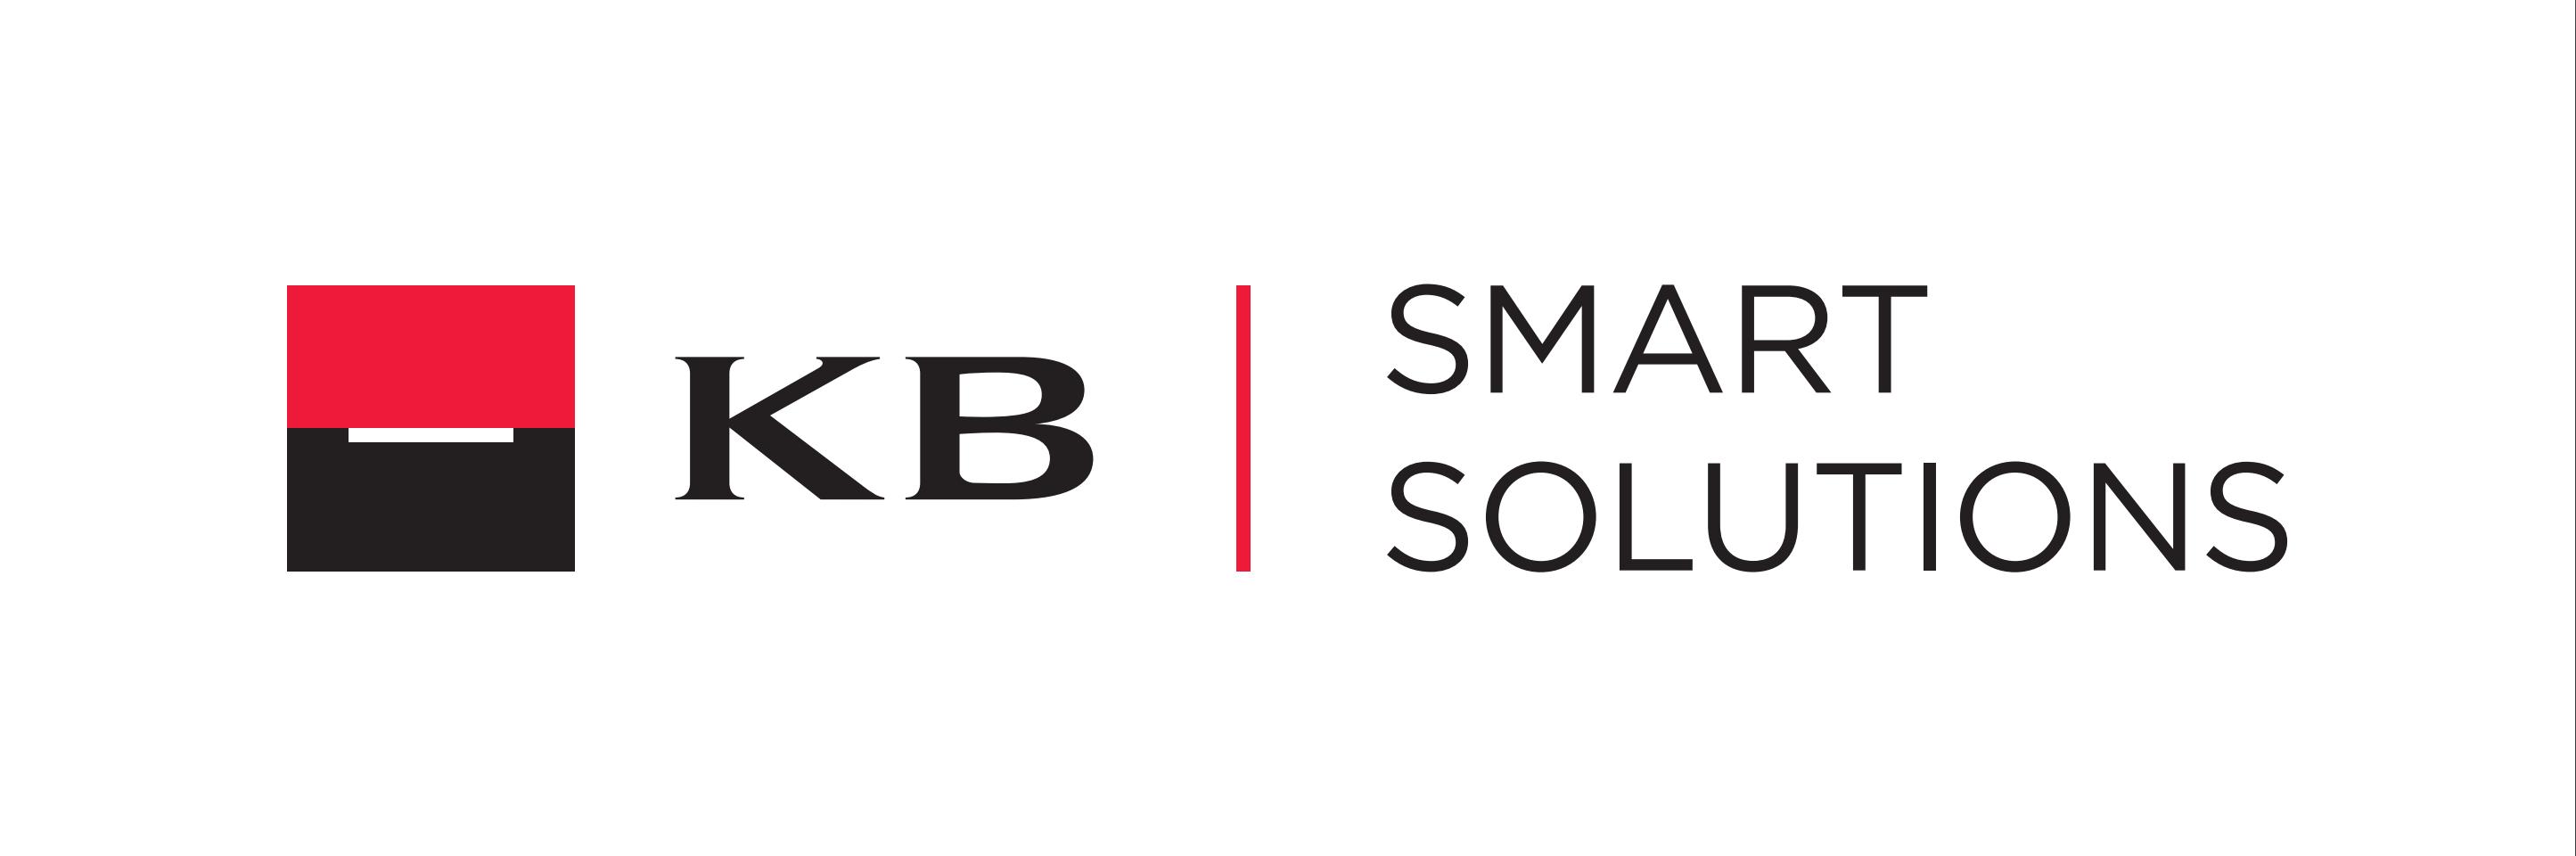 KB SmartSolution logo